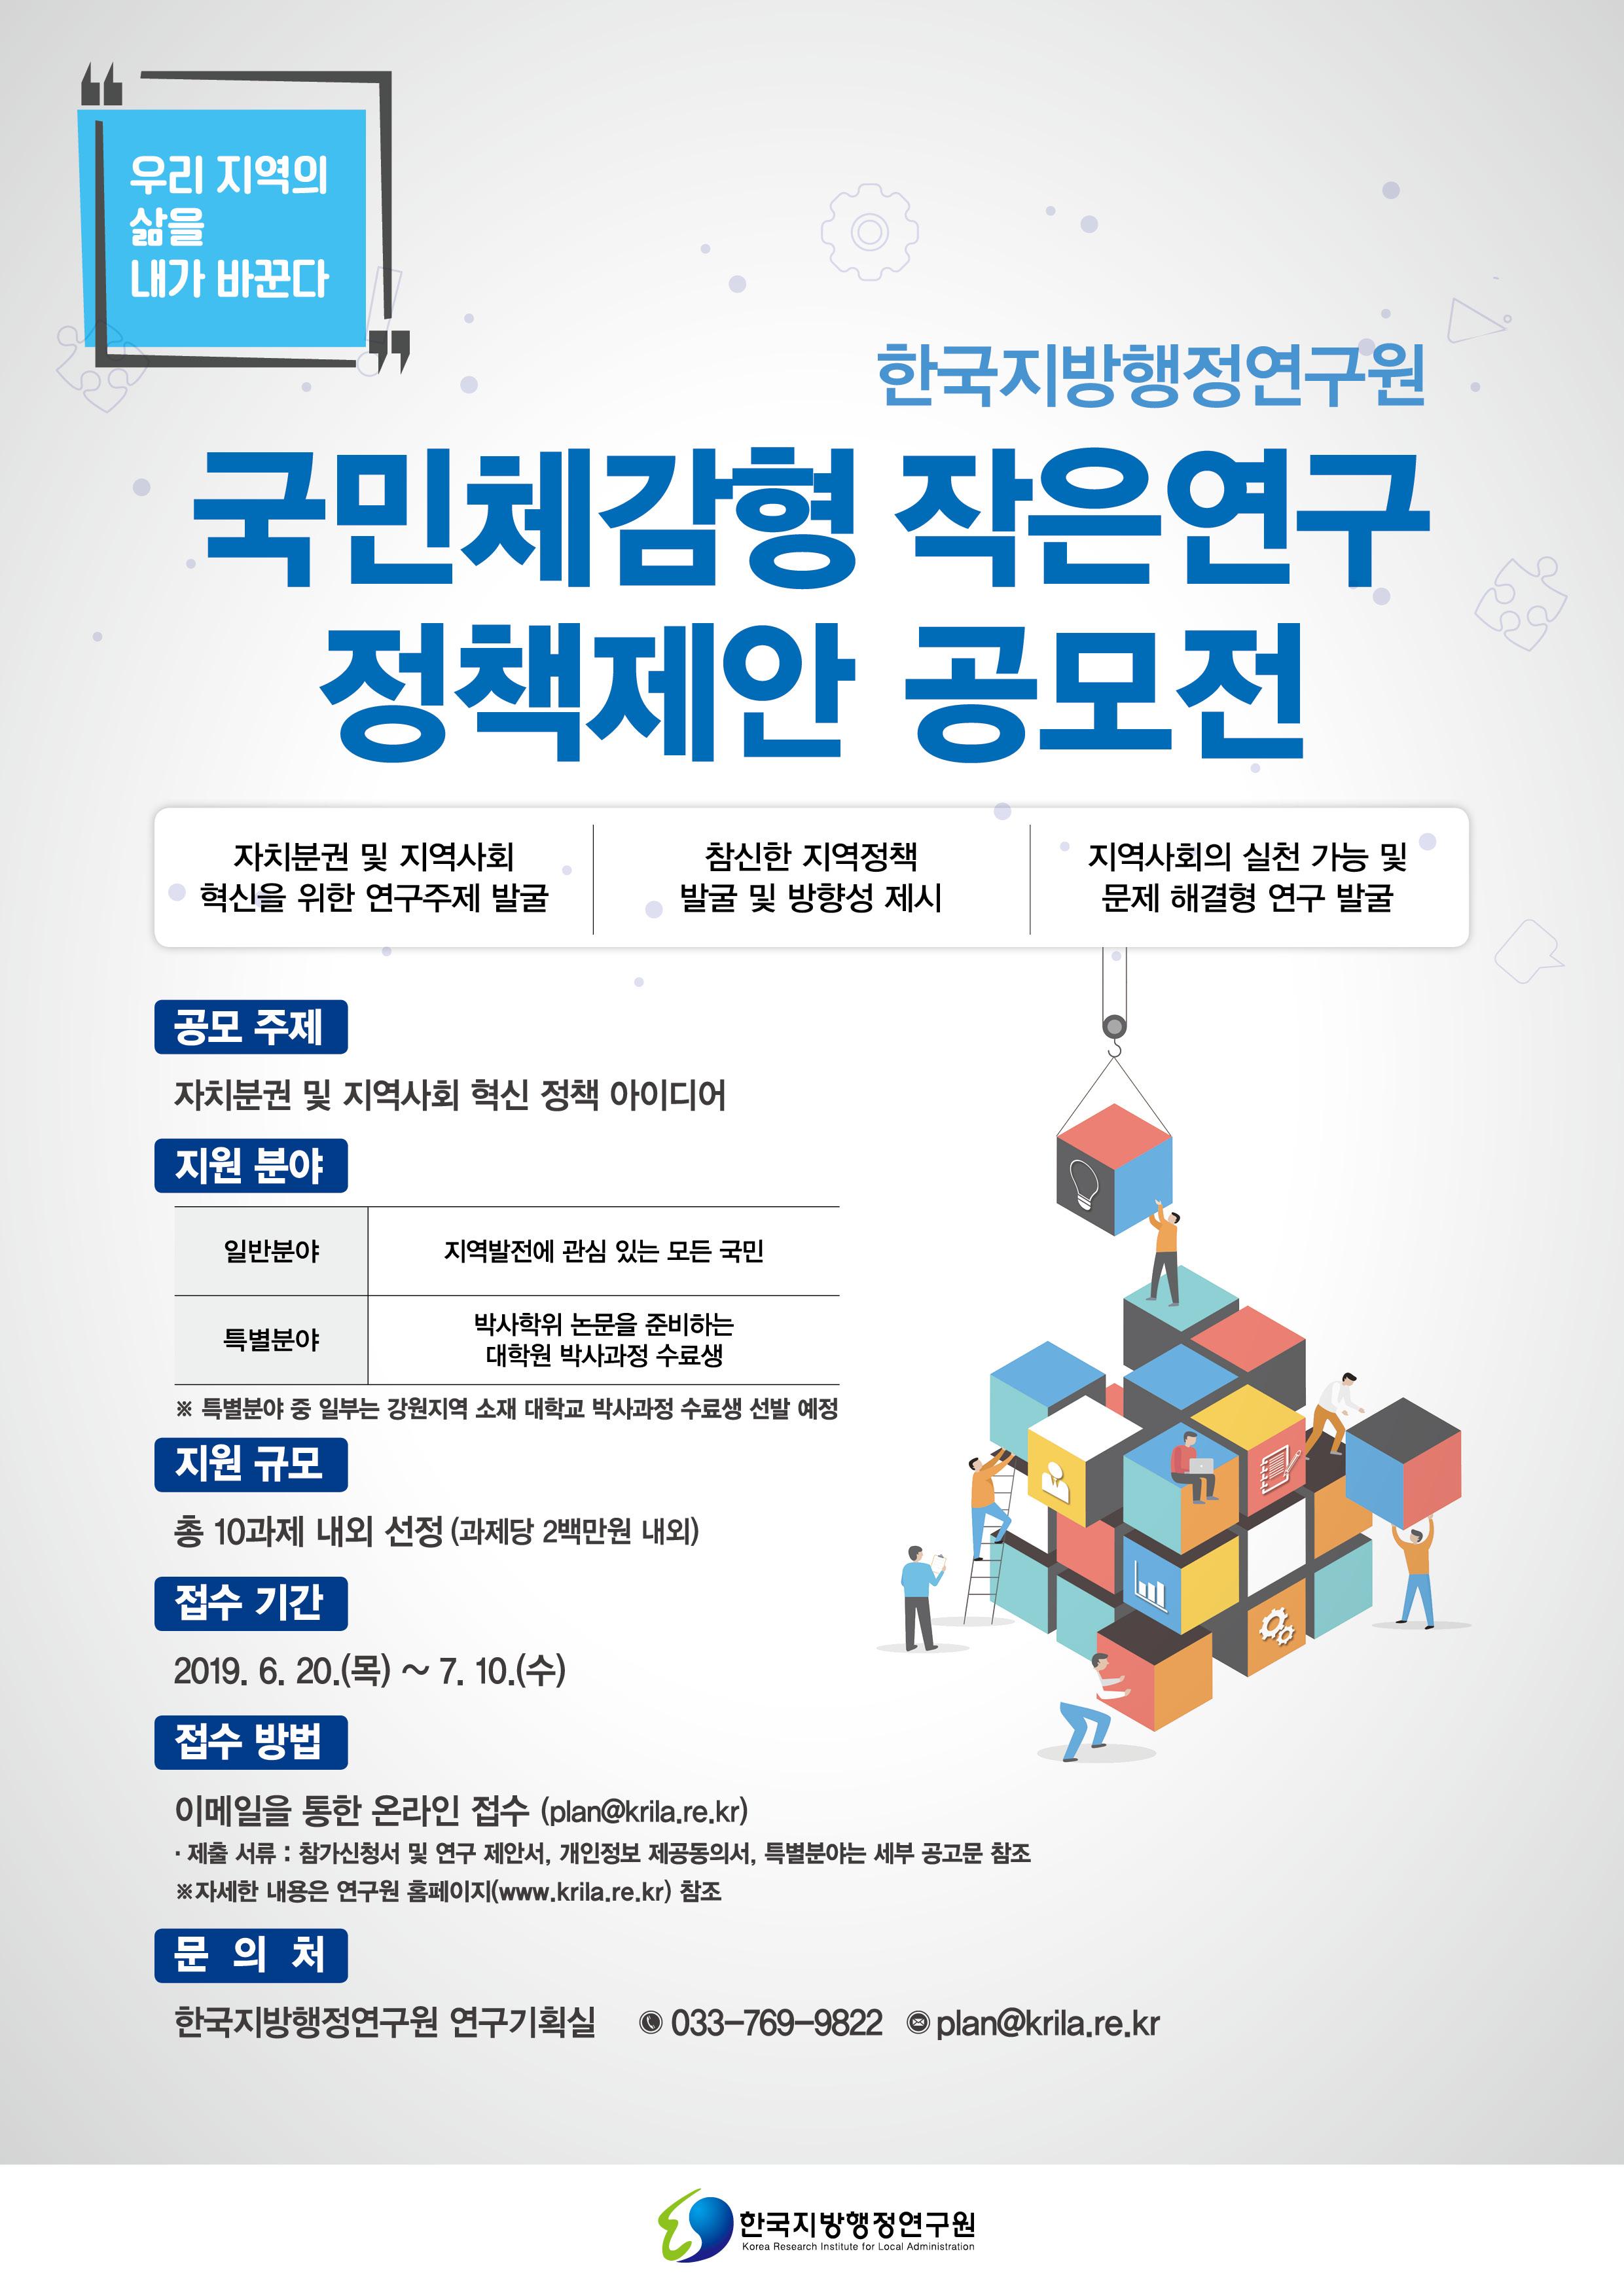 1. 국민체감형 작은연구 홍보 포스터.jpg